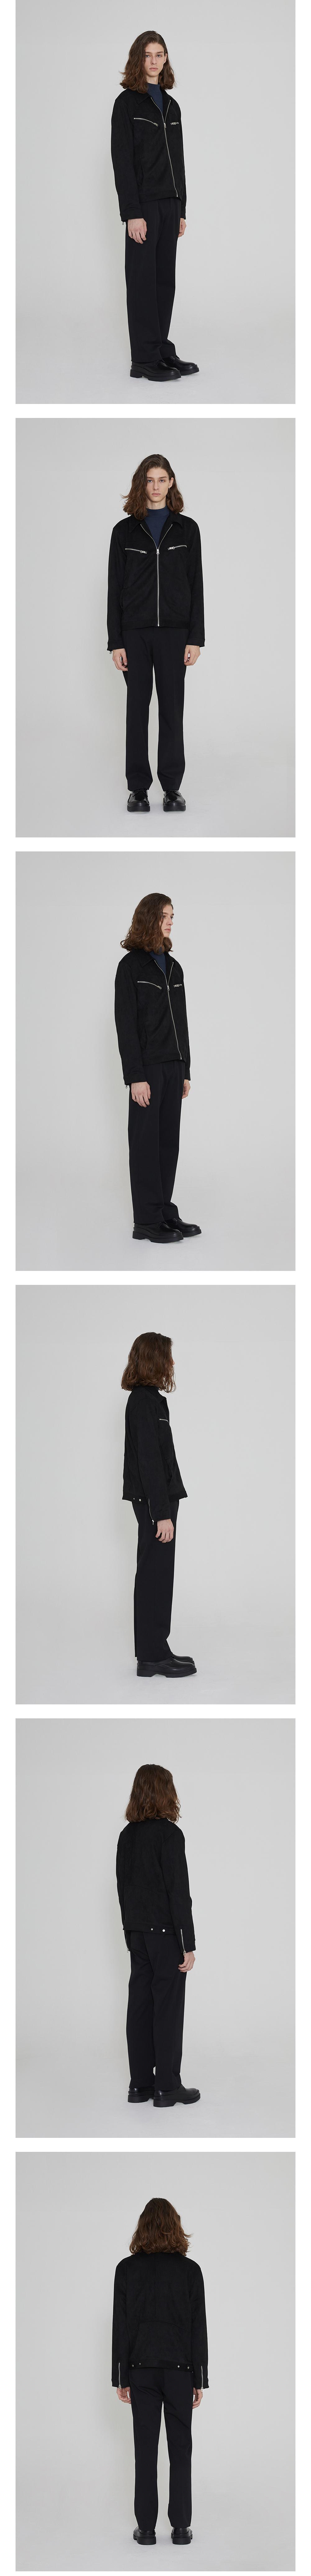 자켓3번검정.jpg